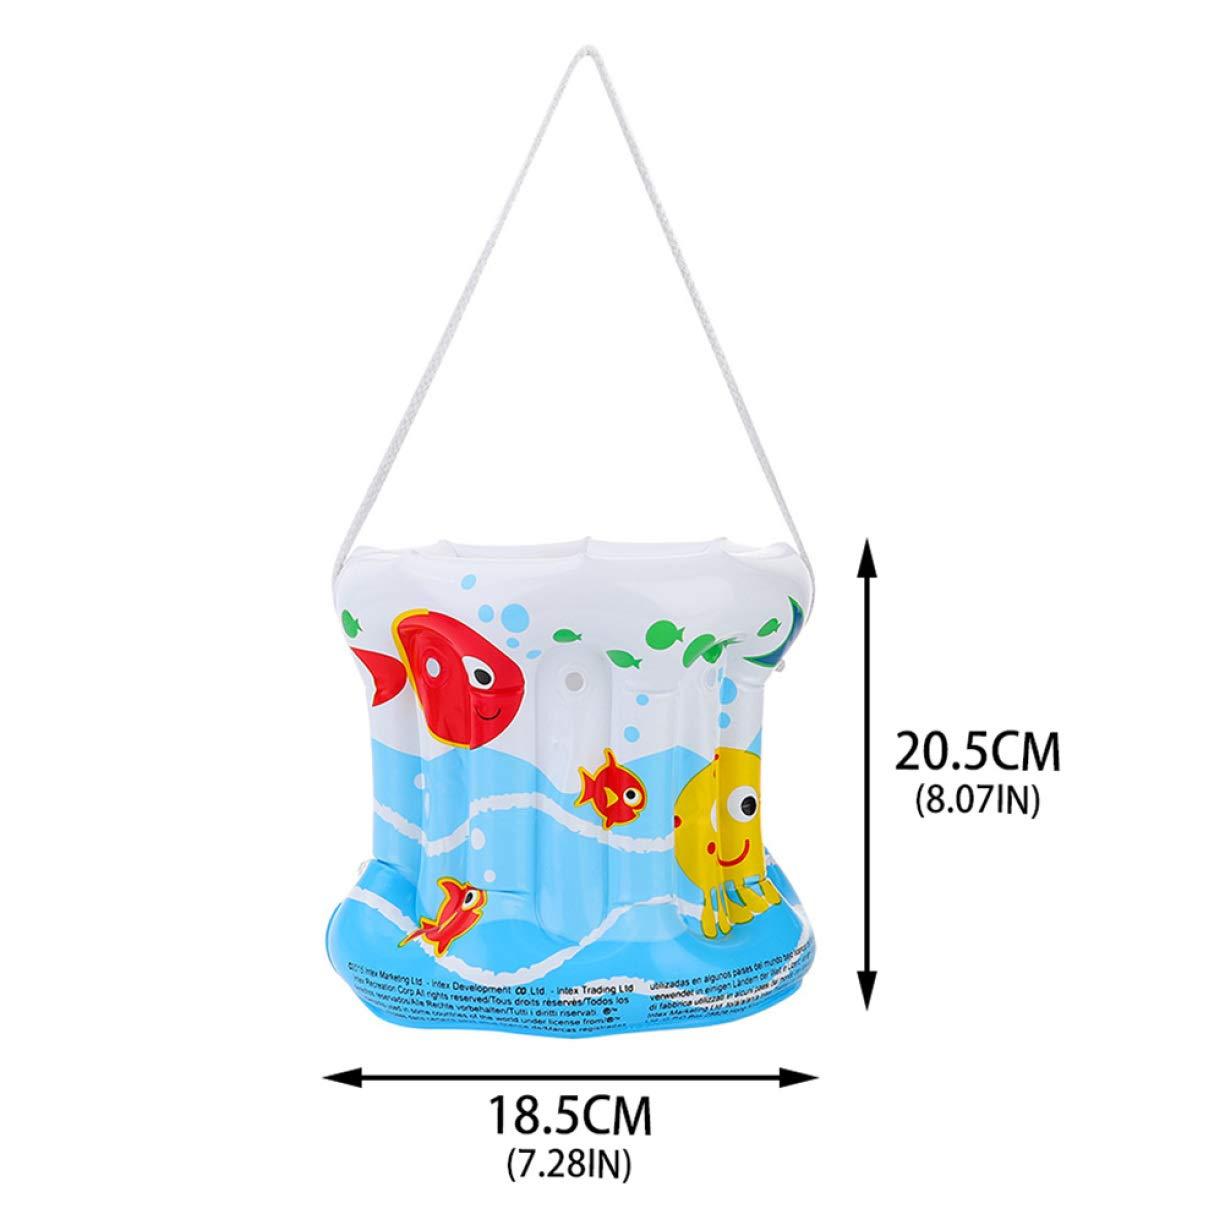 Compra Cubo Inflable de Mano de Tiddds, de PVC portátil ...